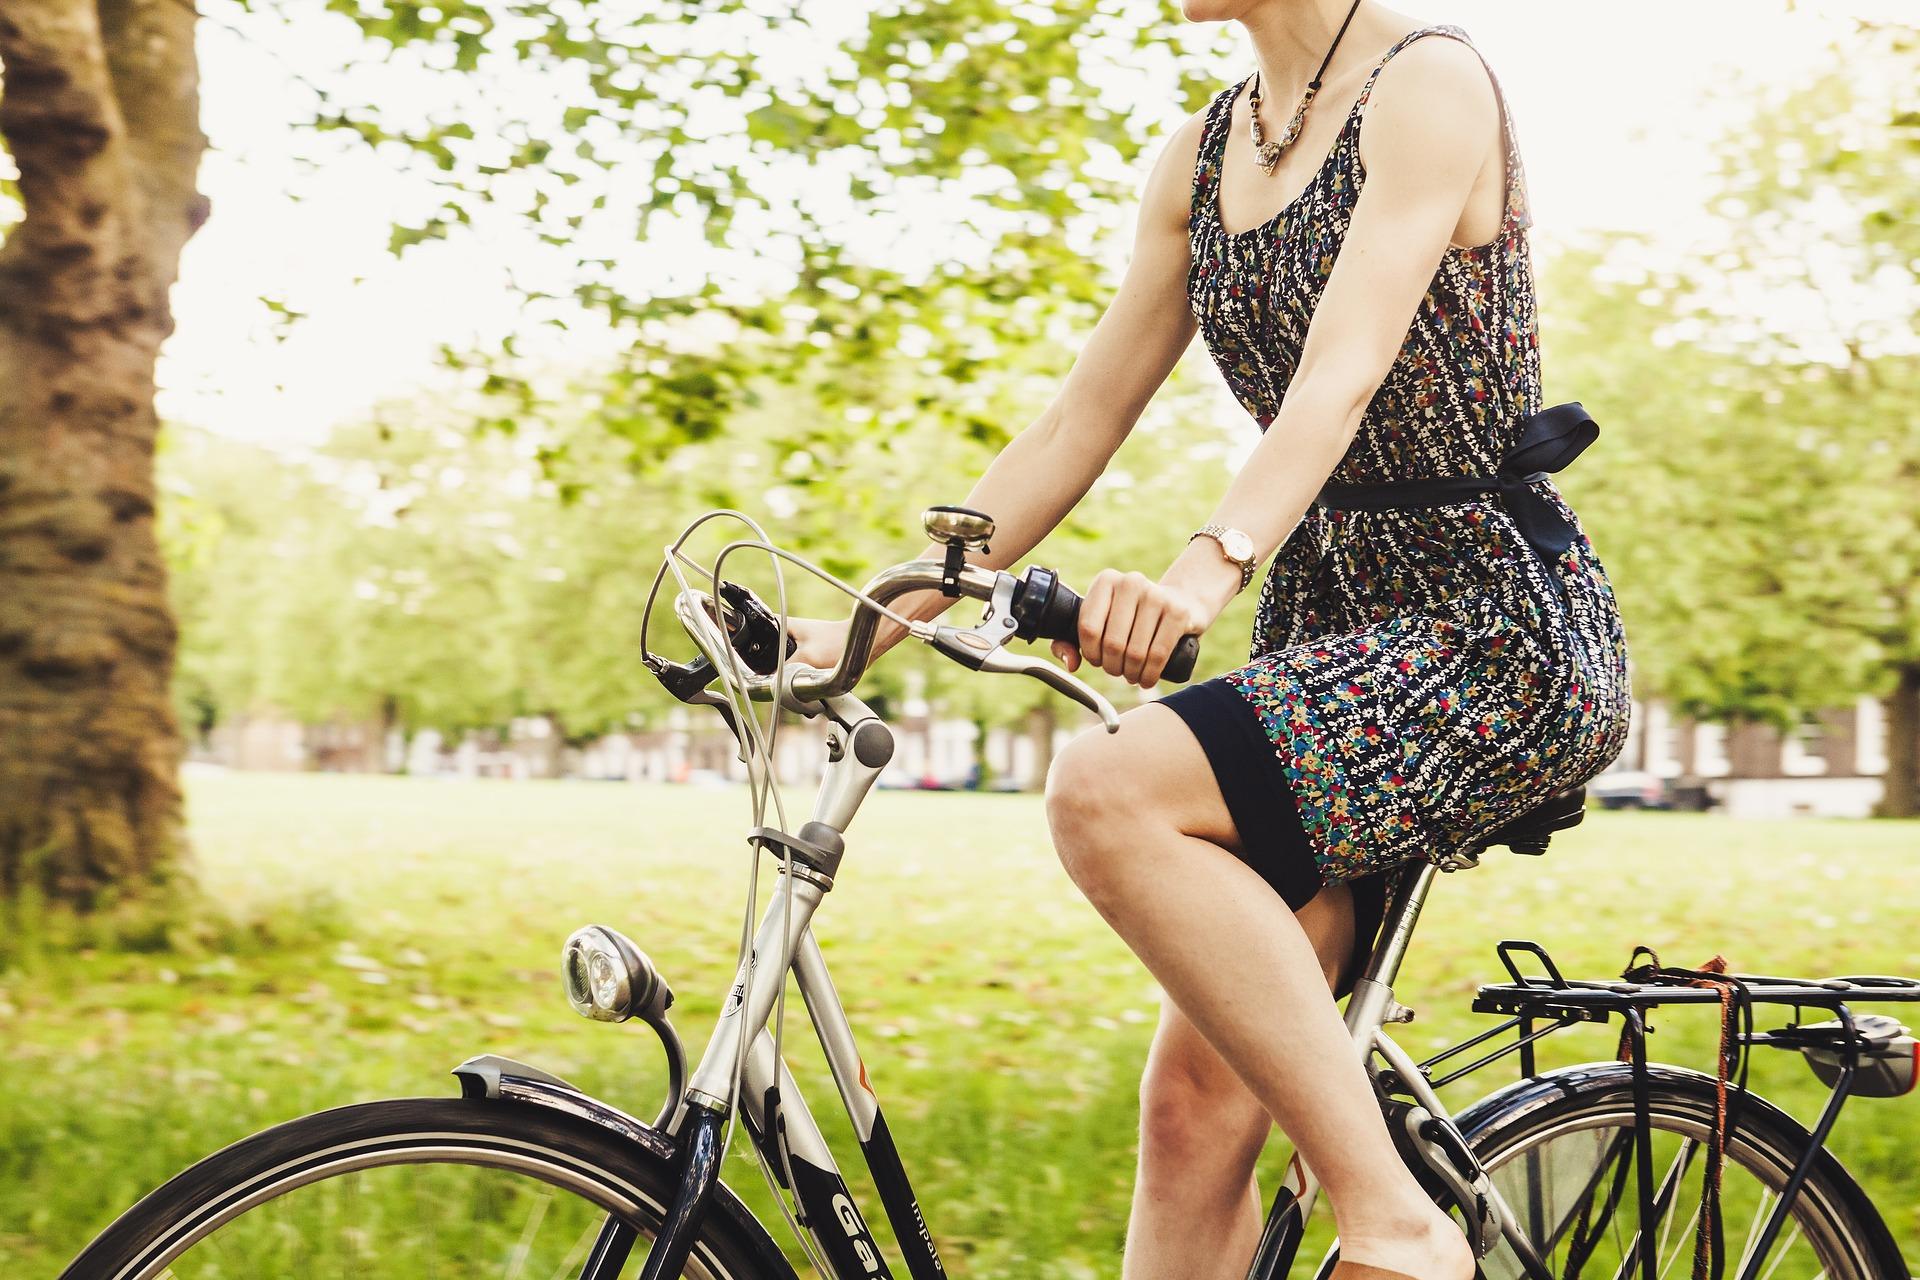 Delta i Cykelfrämjandets Cyklistvelometer